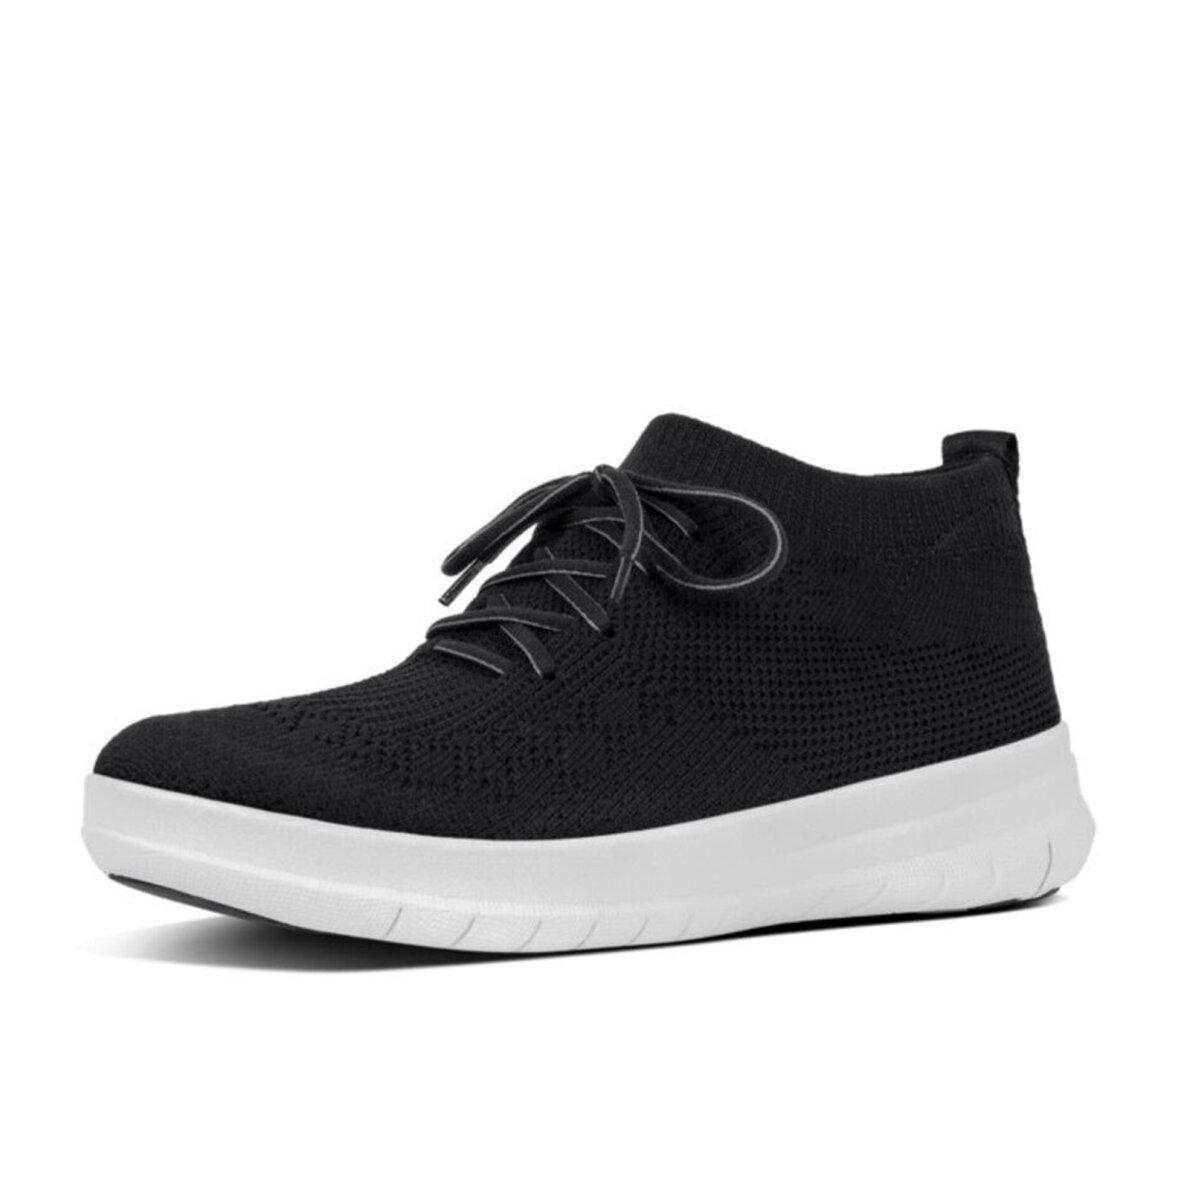 87024242bc23 Fitflop - Fitflop Uberknit sort dame sneaker med hvid sål ...